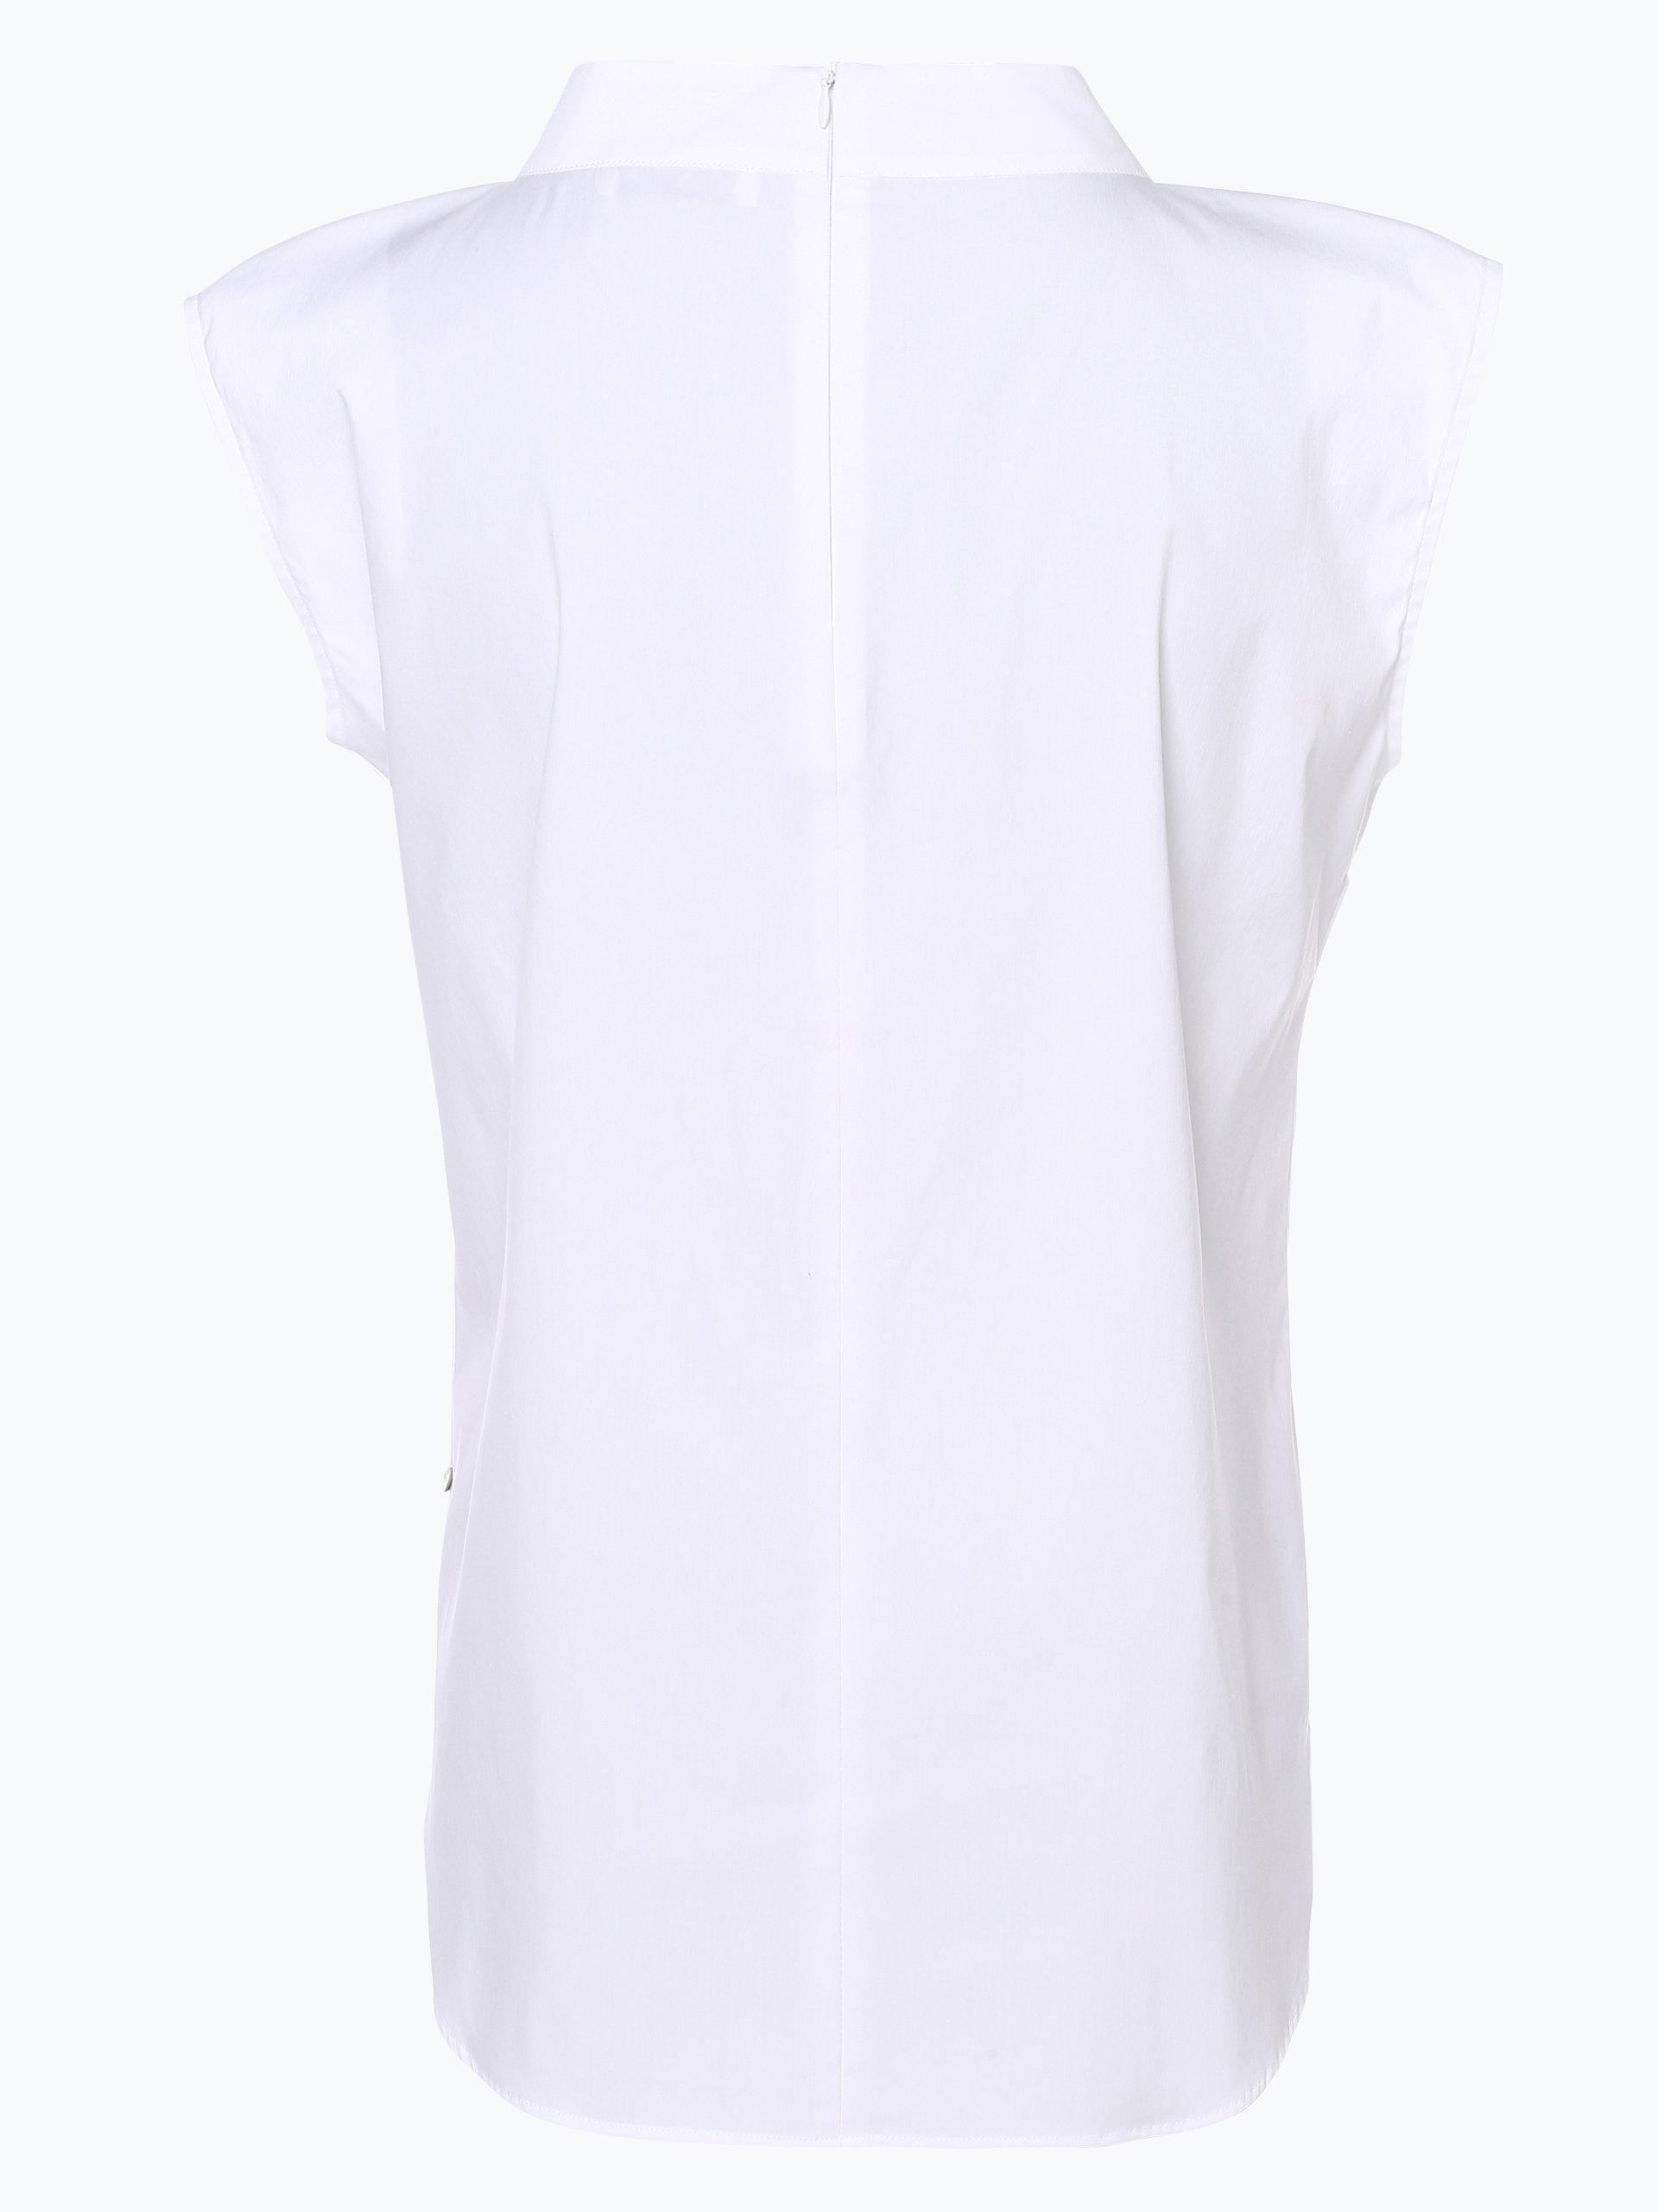 Louis & Mia Damen Blusenshirt